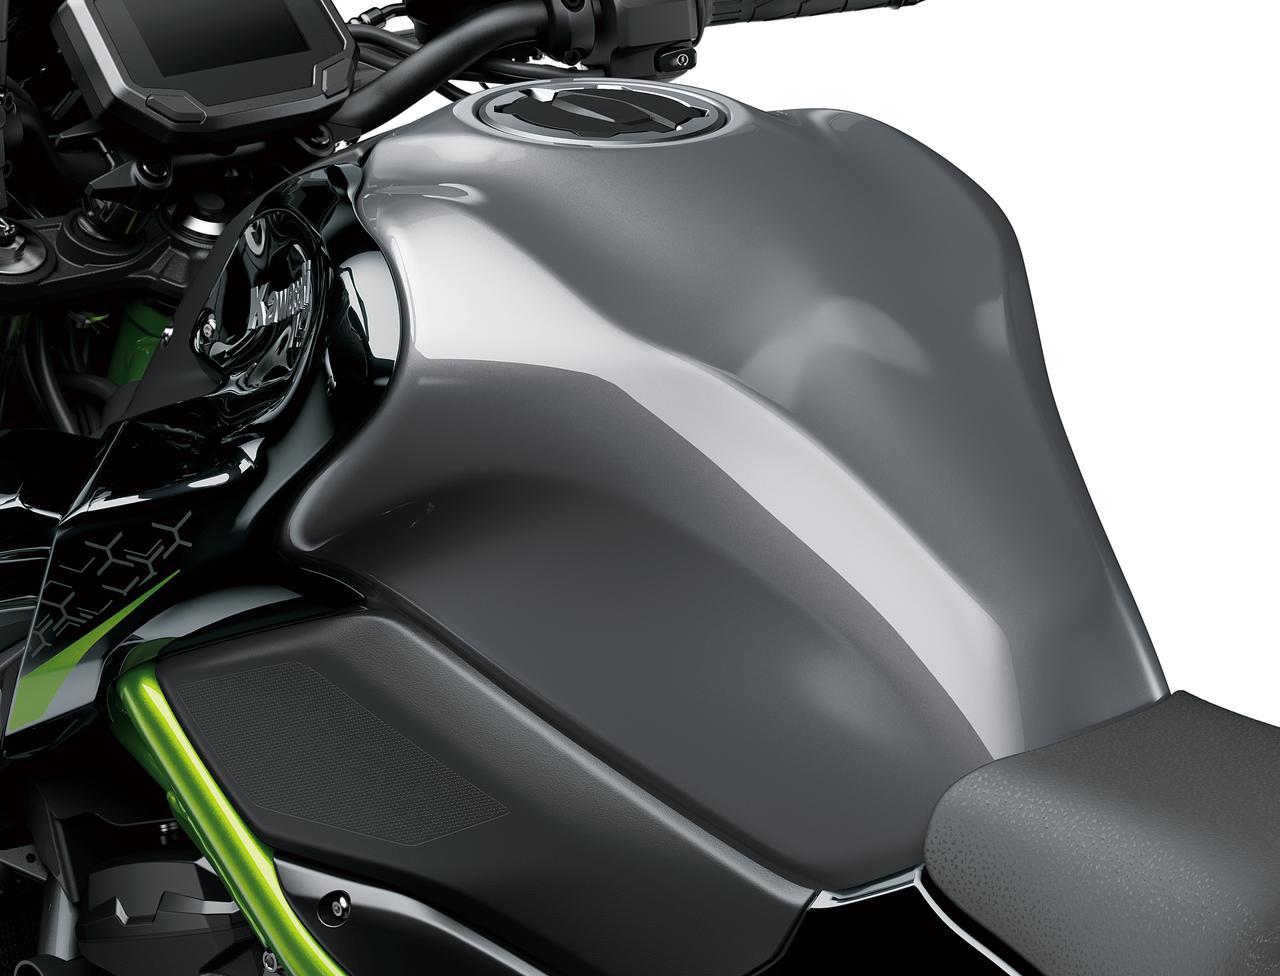 カワサキが新型「Z900」を1月15日に販売開始! 外観を一新し装備も充実、カラーは2色での展開